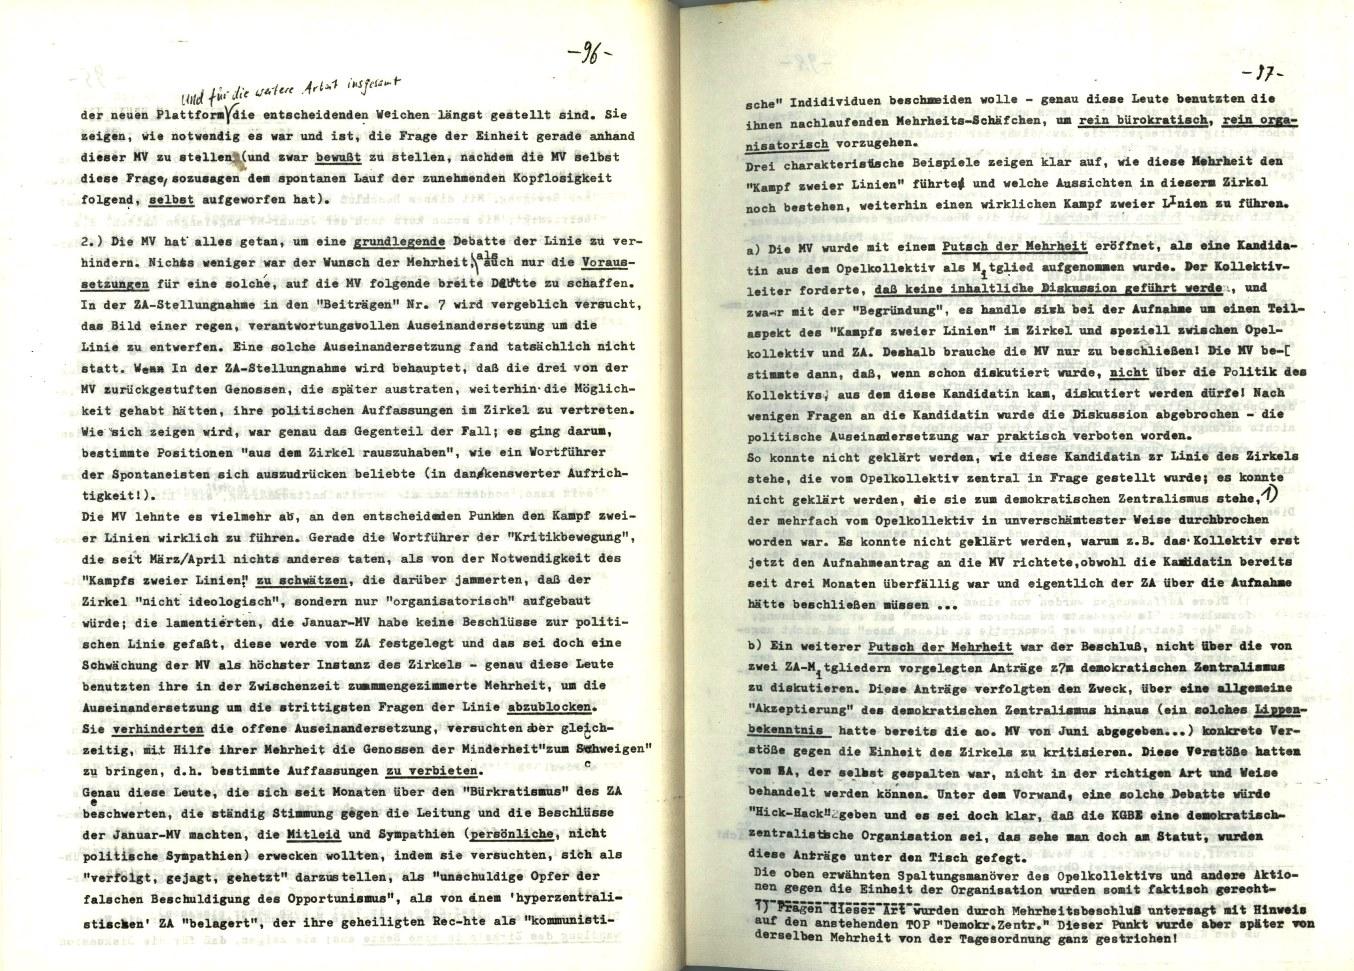 KGBE_Ehemalige_1977_Kritik_an_der_KGBE_52